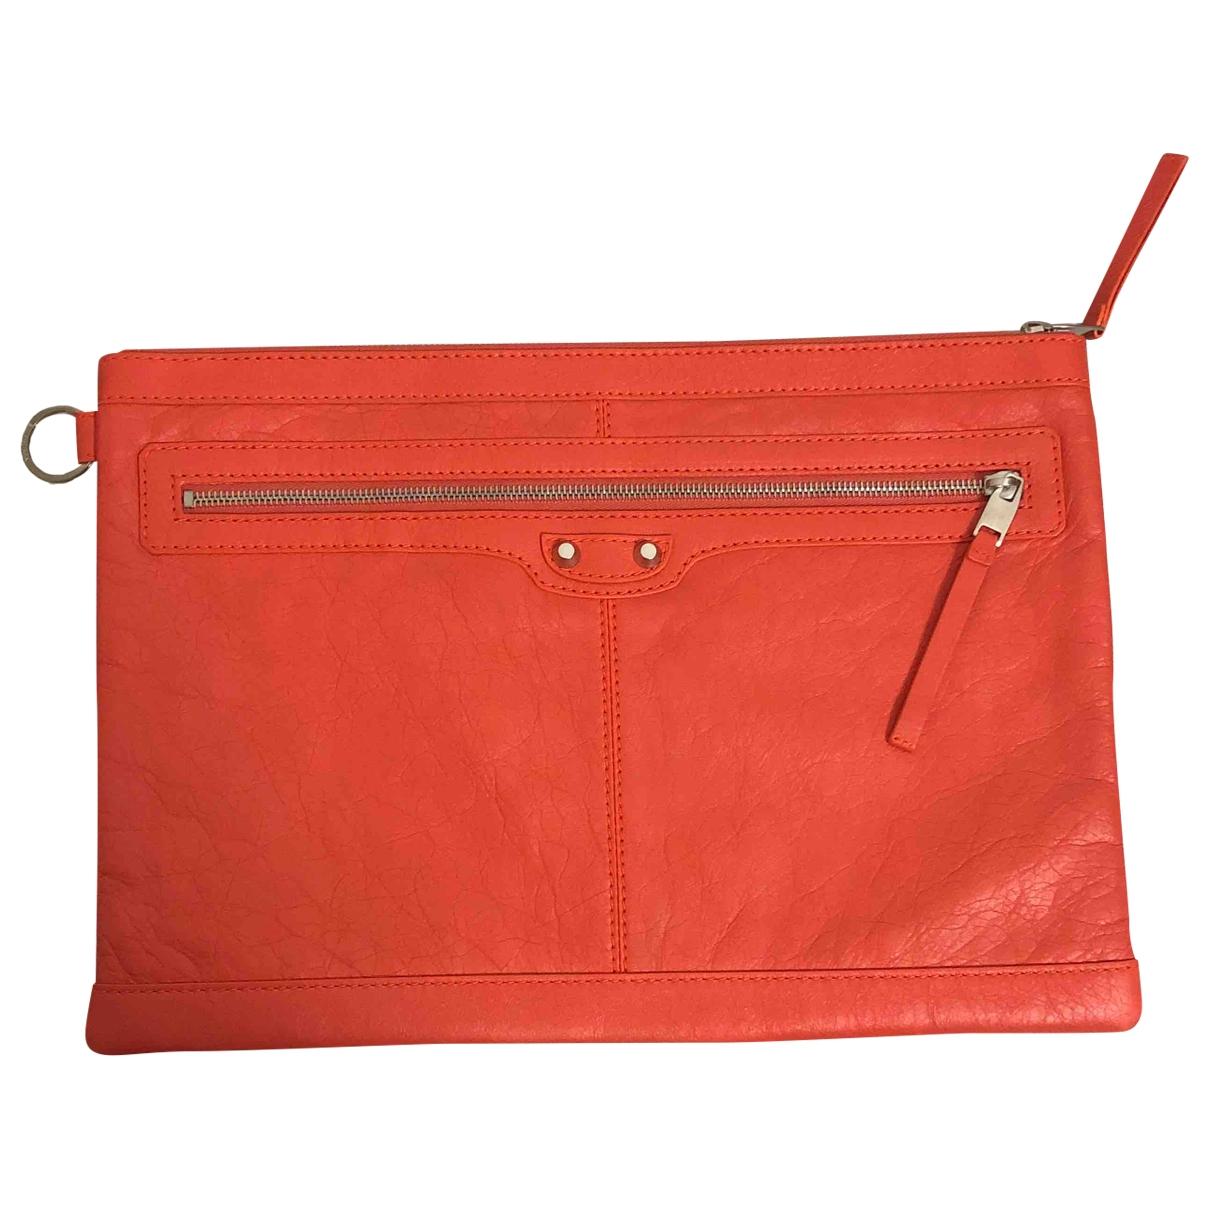 Balenciaga - Petite maroquinerie   pour homme en cuir - orange